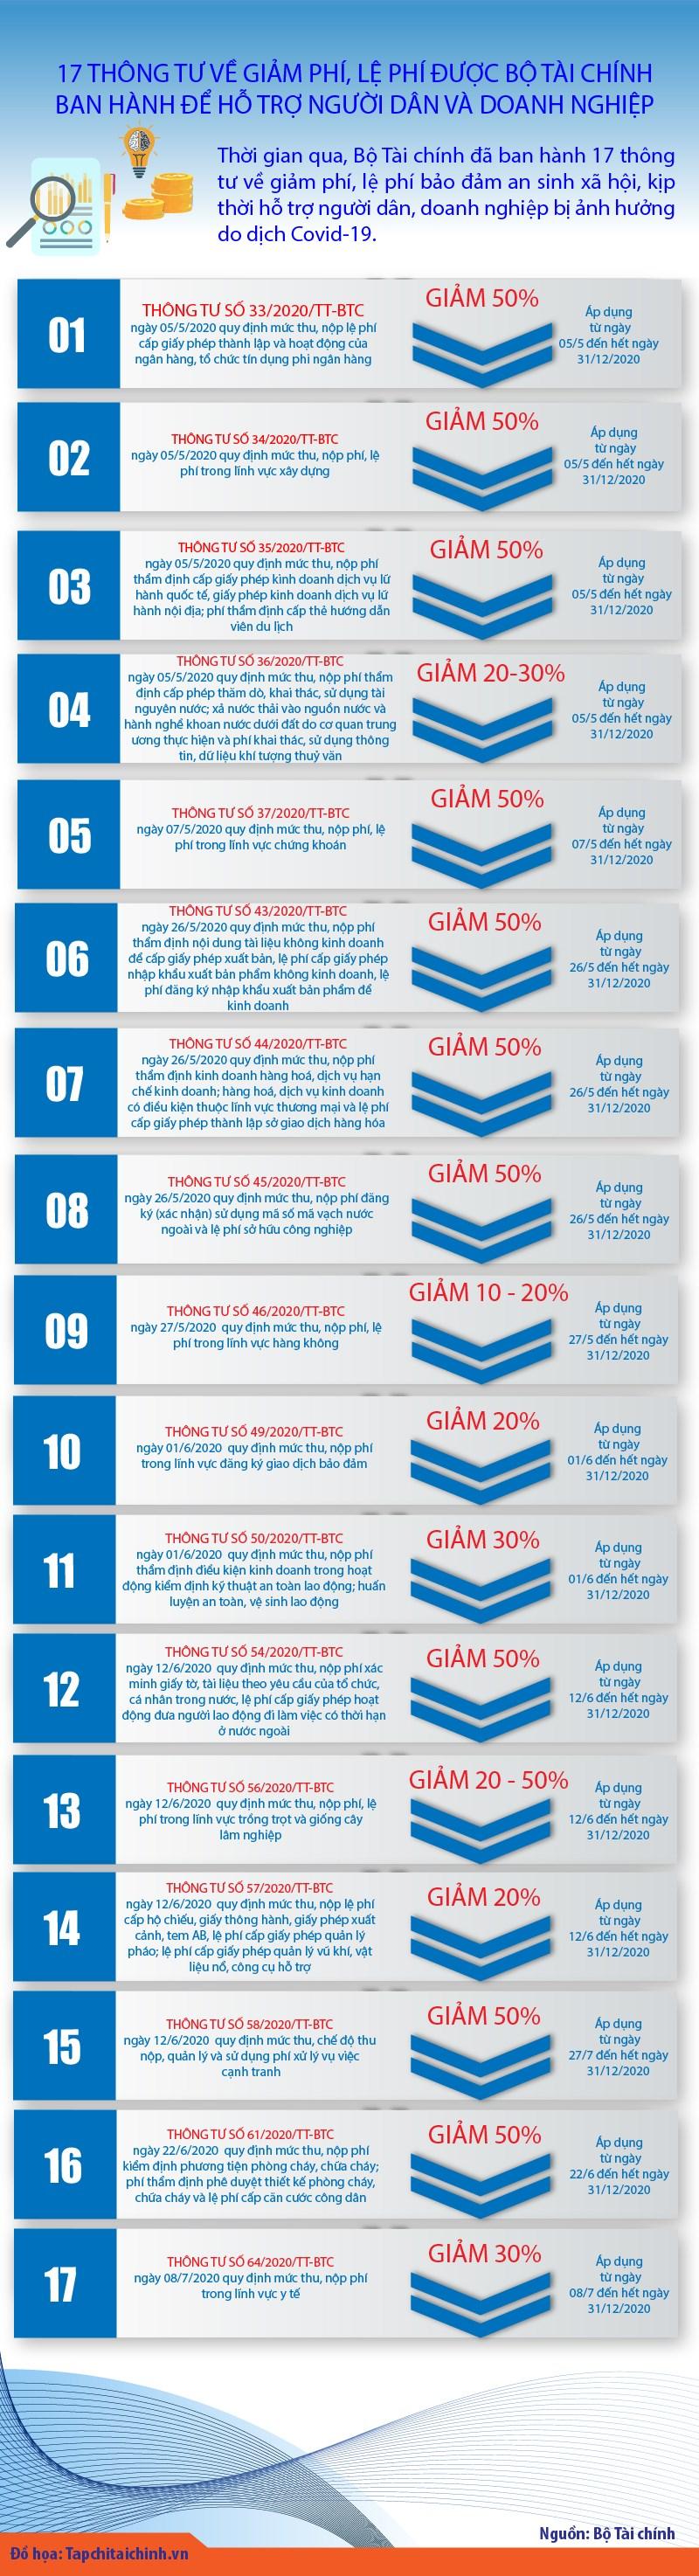 [Infographics] 17 thông tư giảm phí, lệ phí hỗ trợ người dân và doanh nghiệp - Ảnh 1